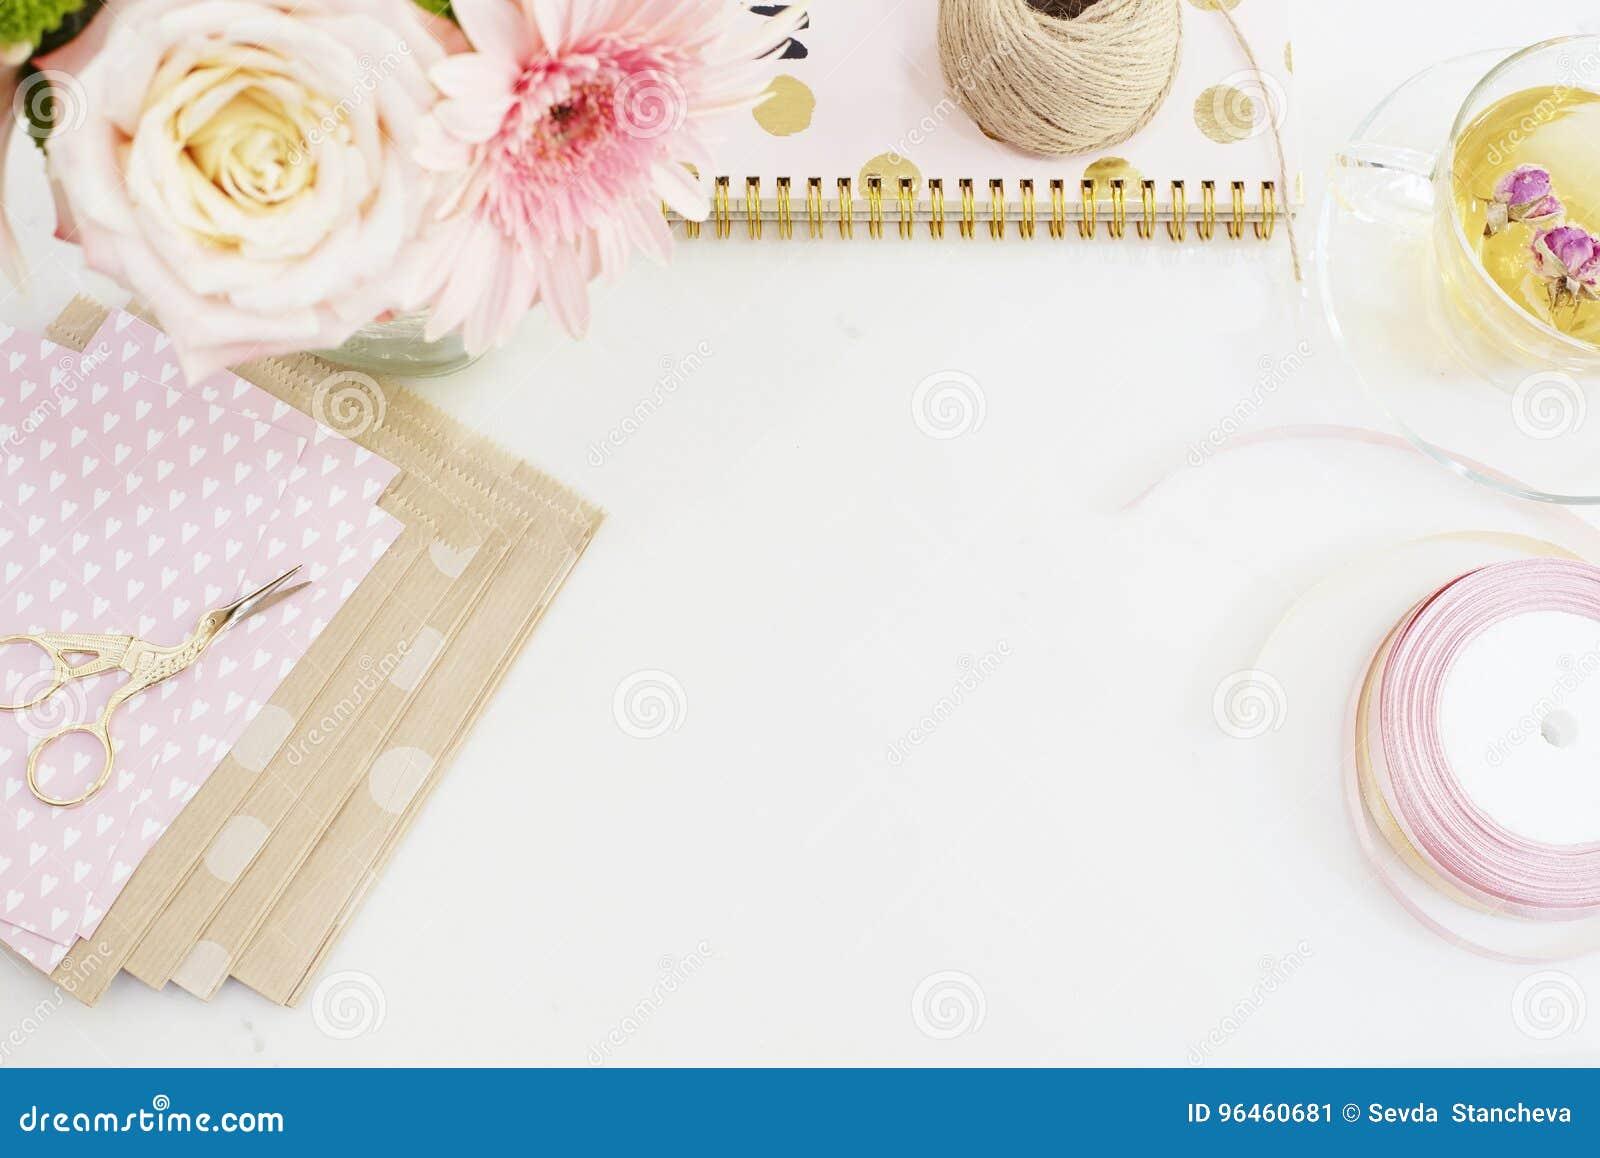 Met de hand gemaakt, ambachtconcept Met de hand gemaakte goederen voor verpakking - streng, linten Vrouwelijk werkplaatsconcept F